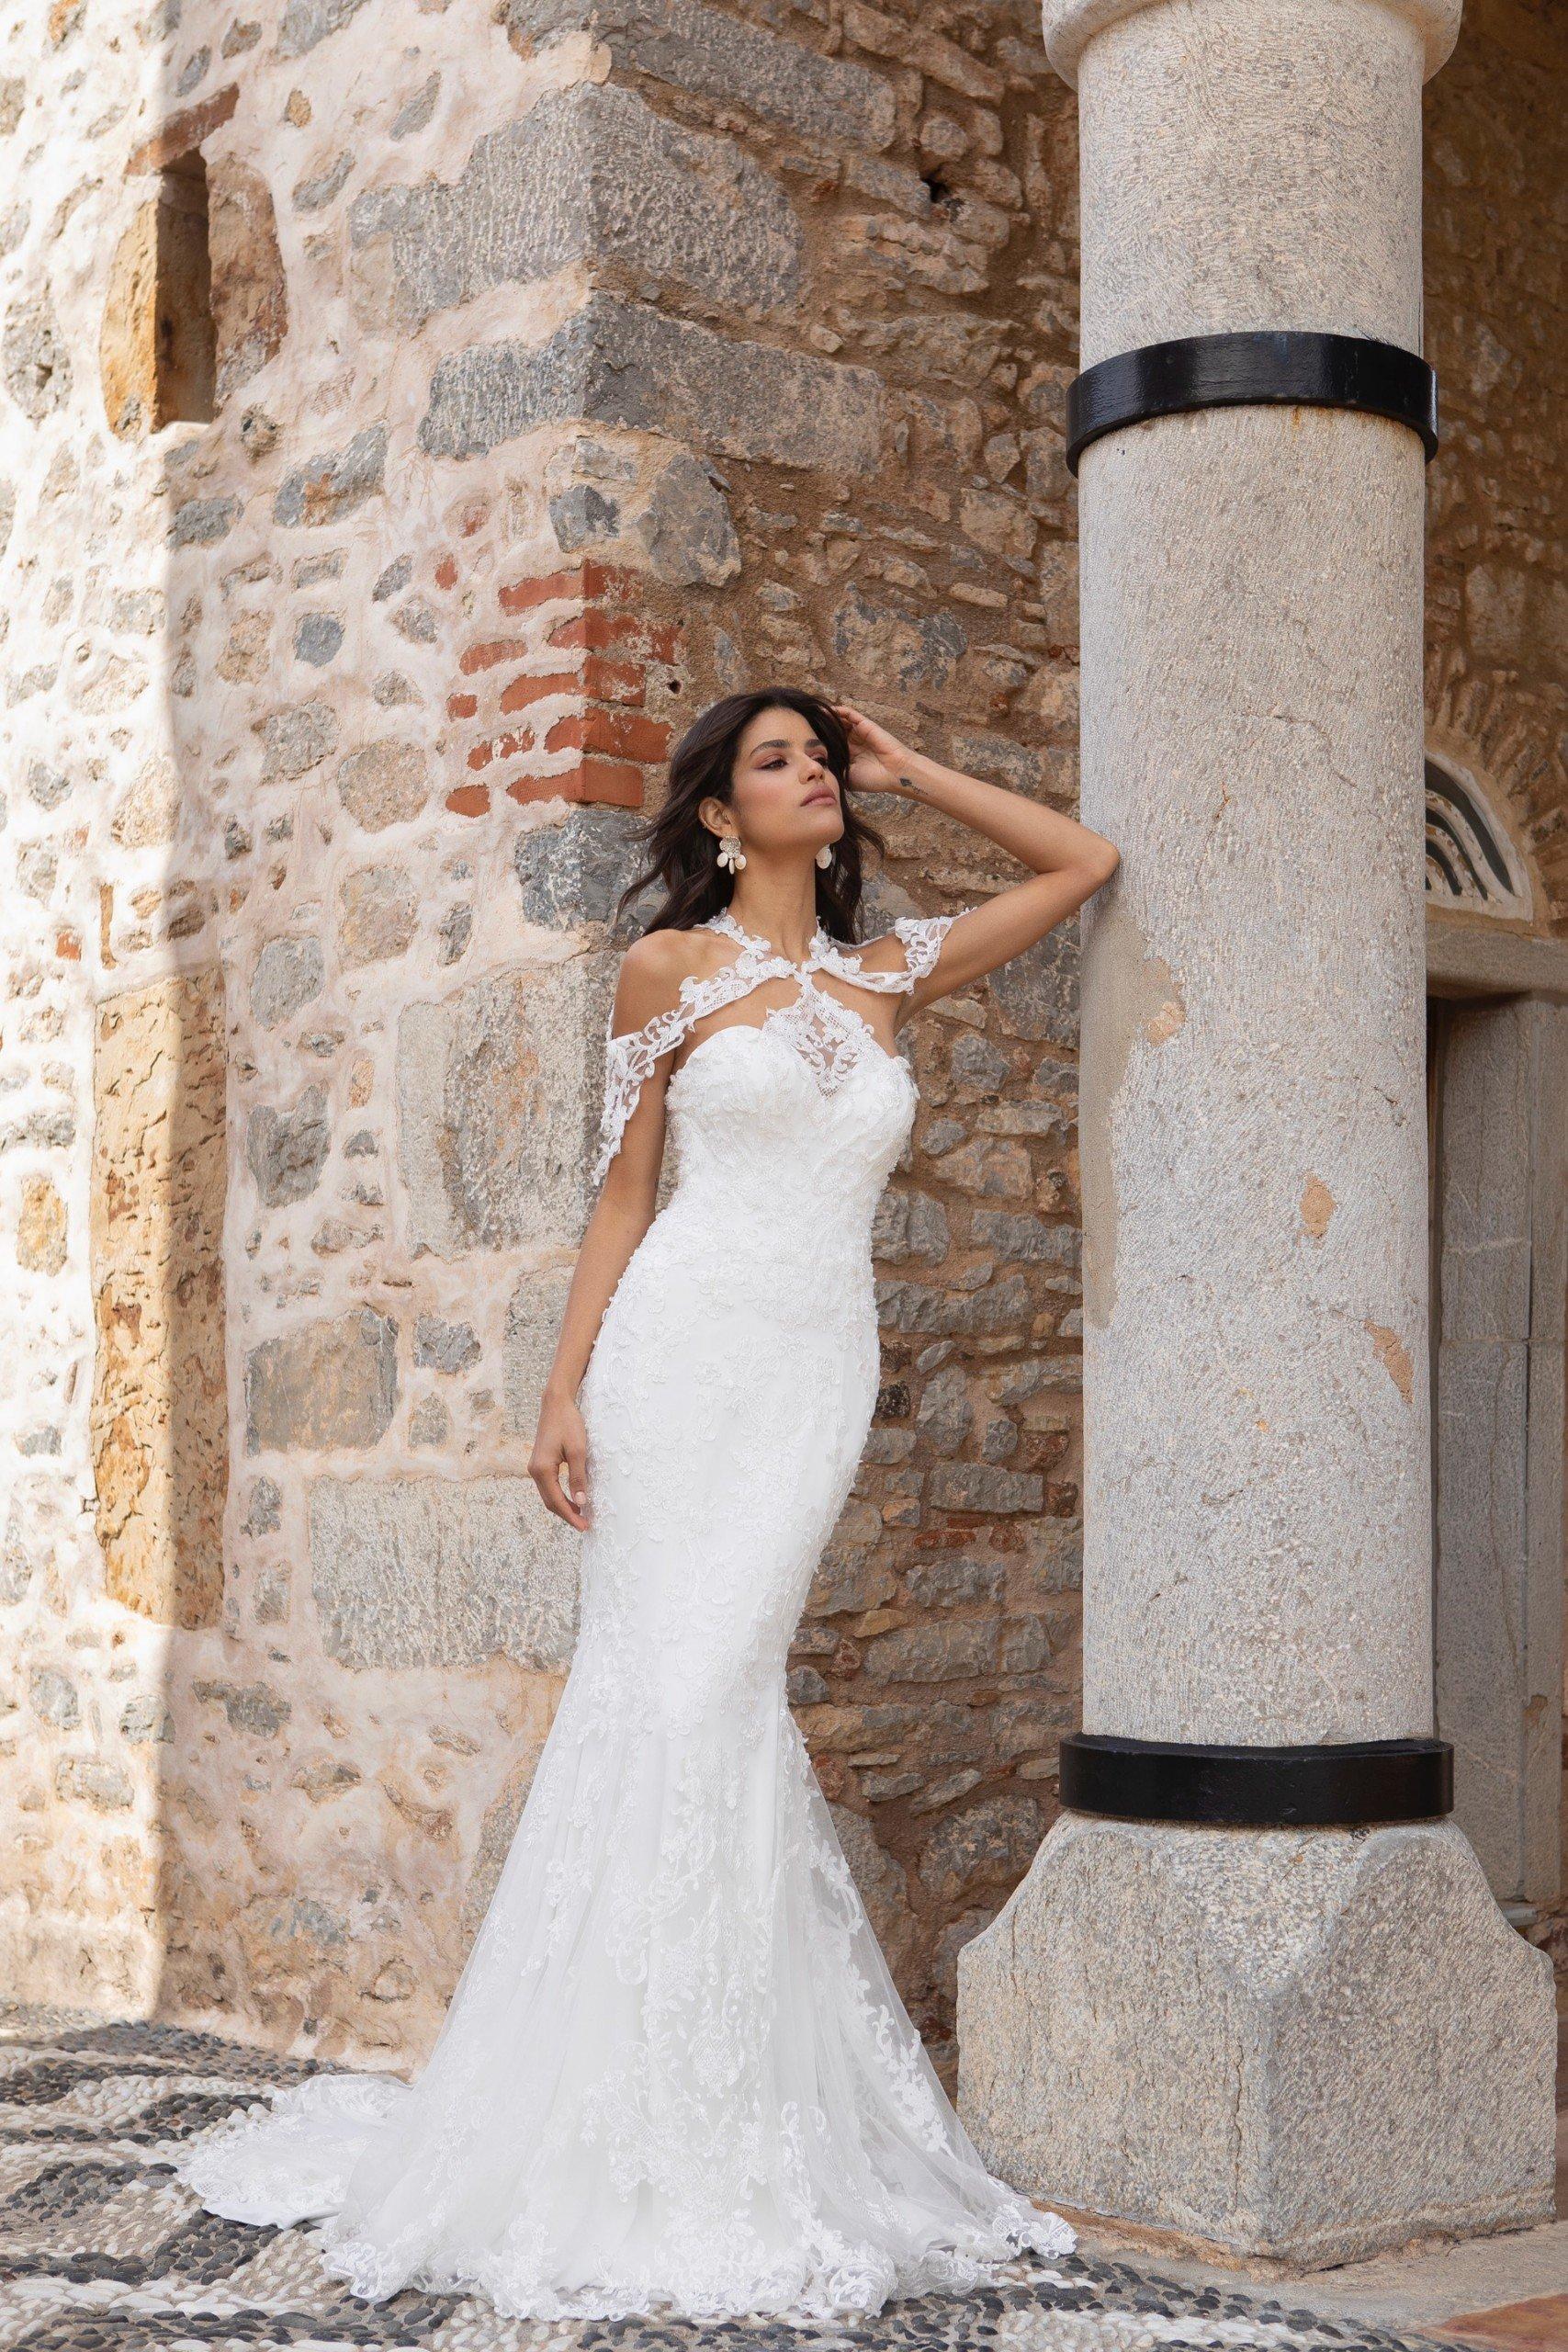 Schulterfreies Fit-and-Flare-Brautkleid aus Spitze mit Neckholder-Ausschnitt von Emine Yildirim, Modell 2013